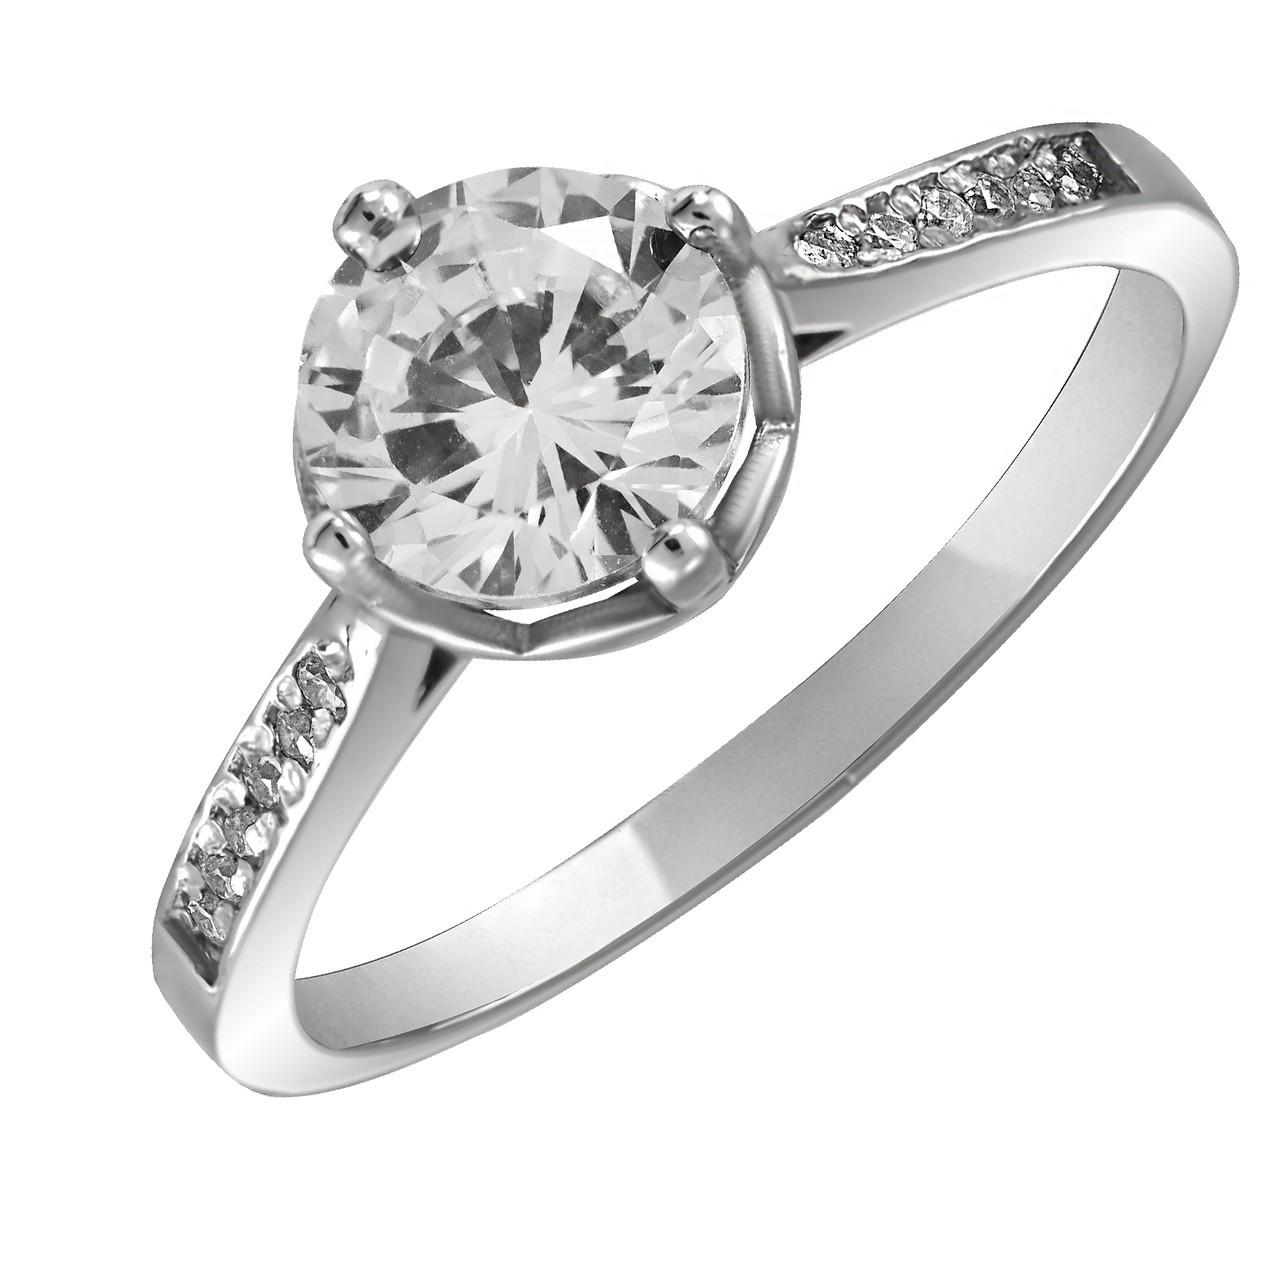 Кольцо из серебра с кубическим цирконием Twiddle Jewelry 16.5 размер (К016-16.5)